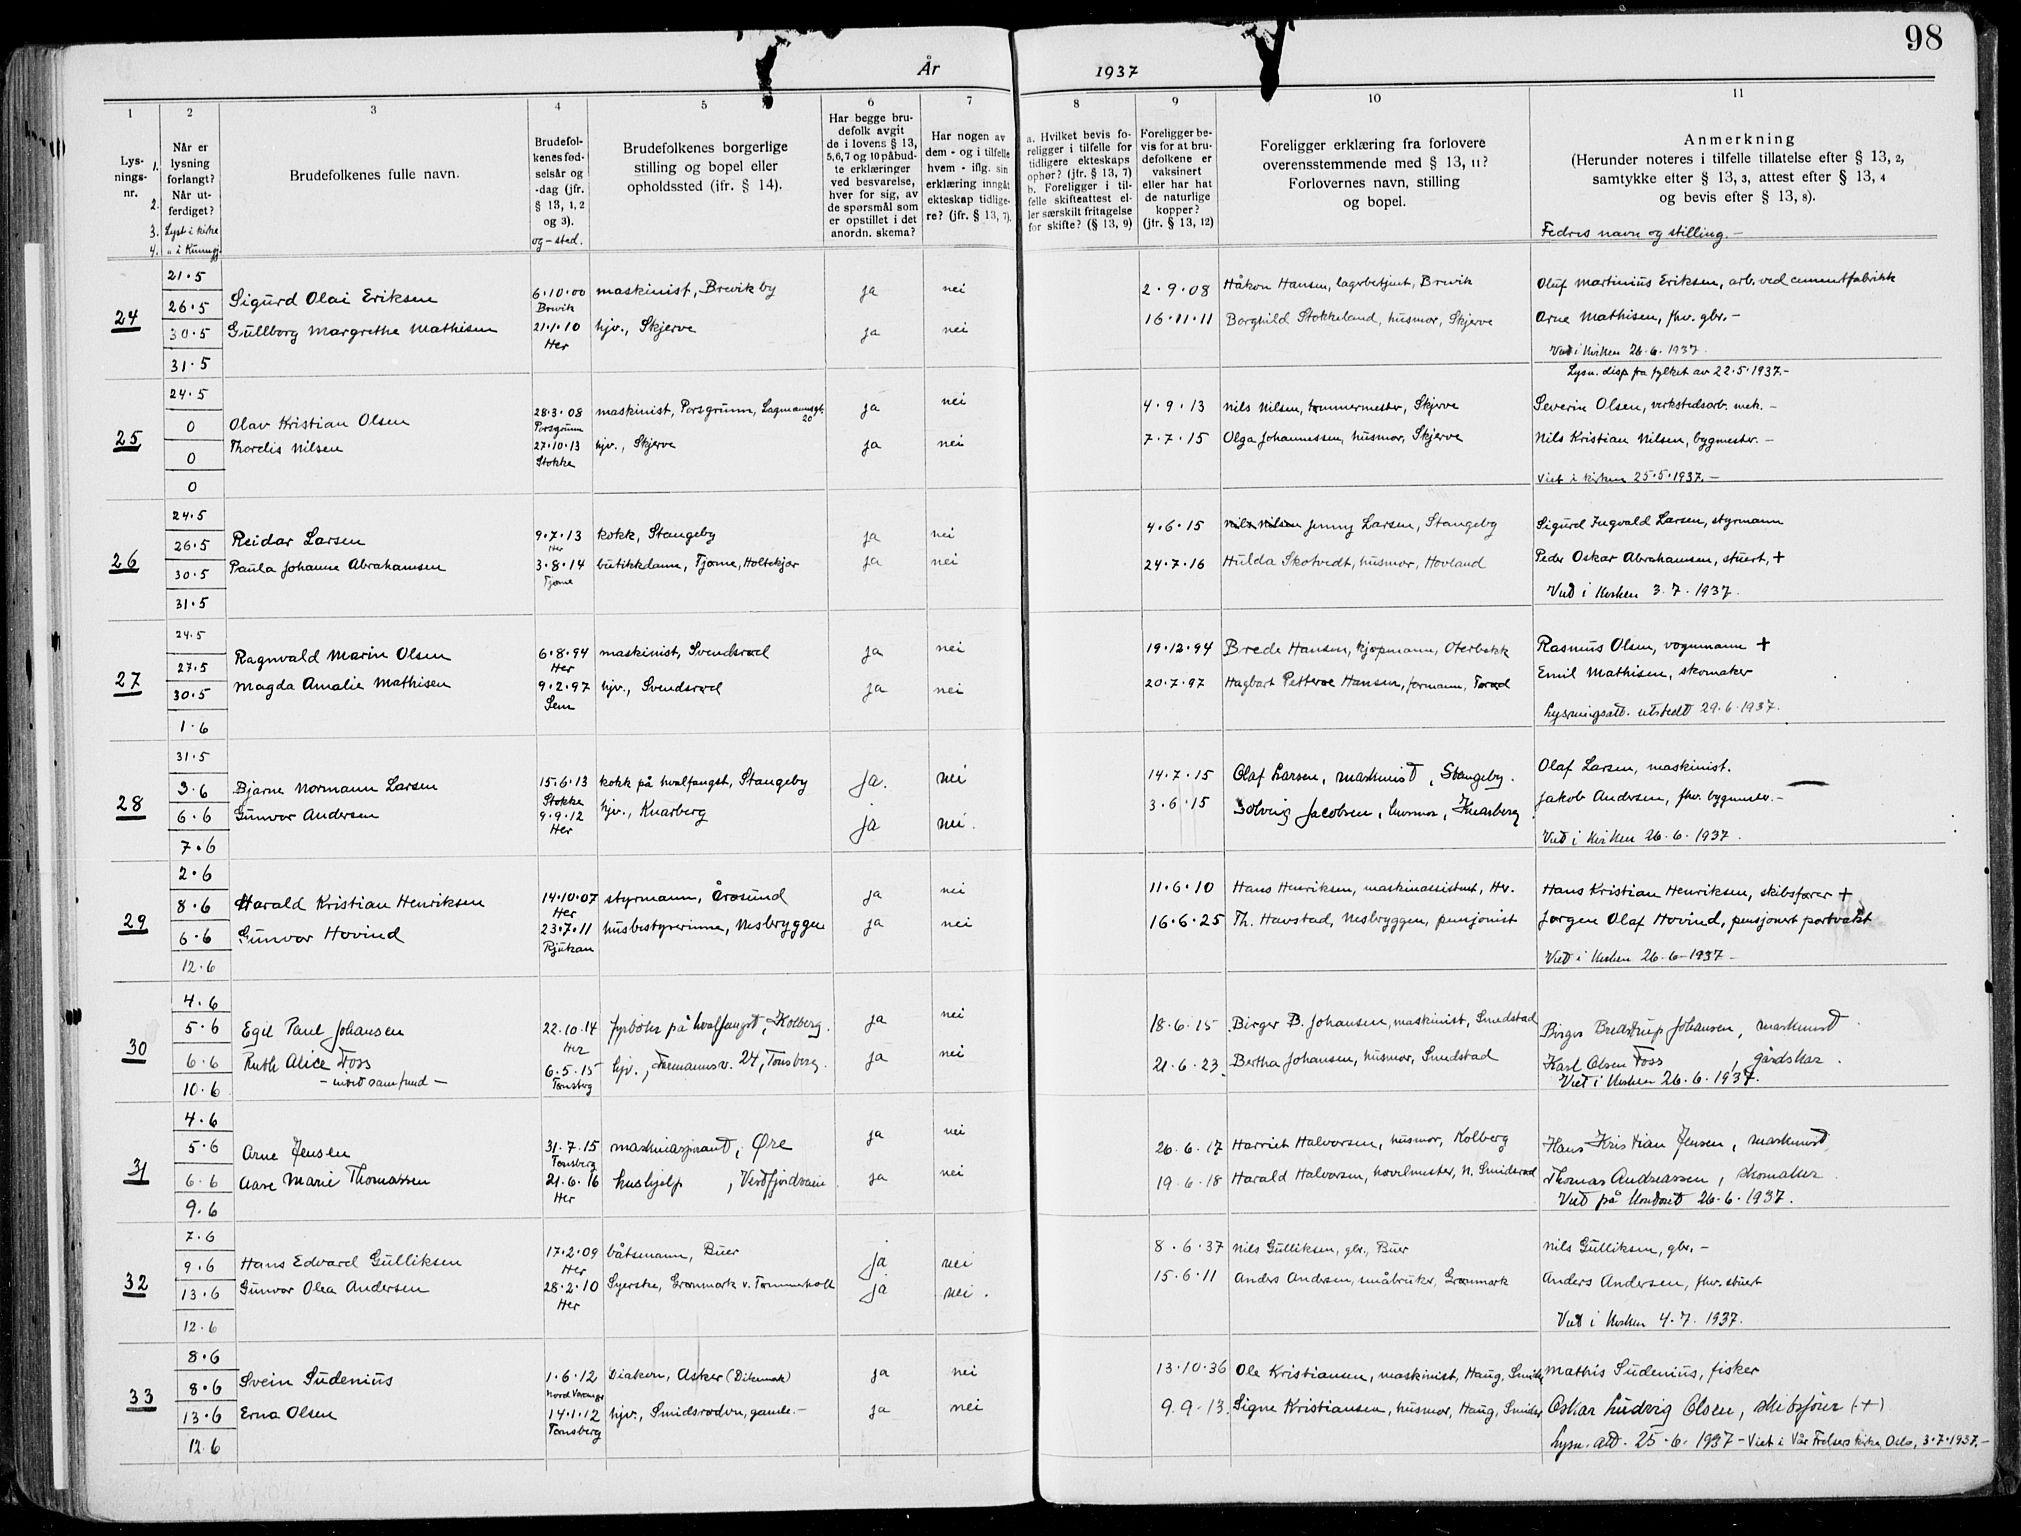 SAKO, Nøtterøy kirkebøker, H/Ha/L0001: Lysningsprotokoll nr. 1, 1919-1937, s. 98